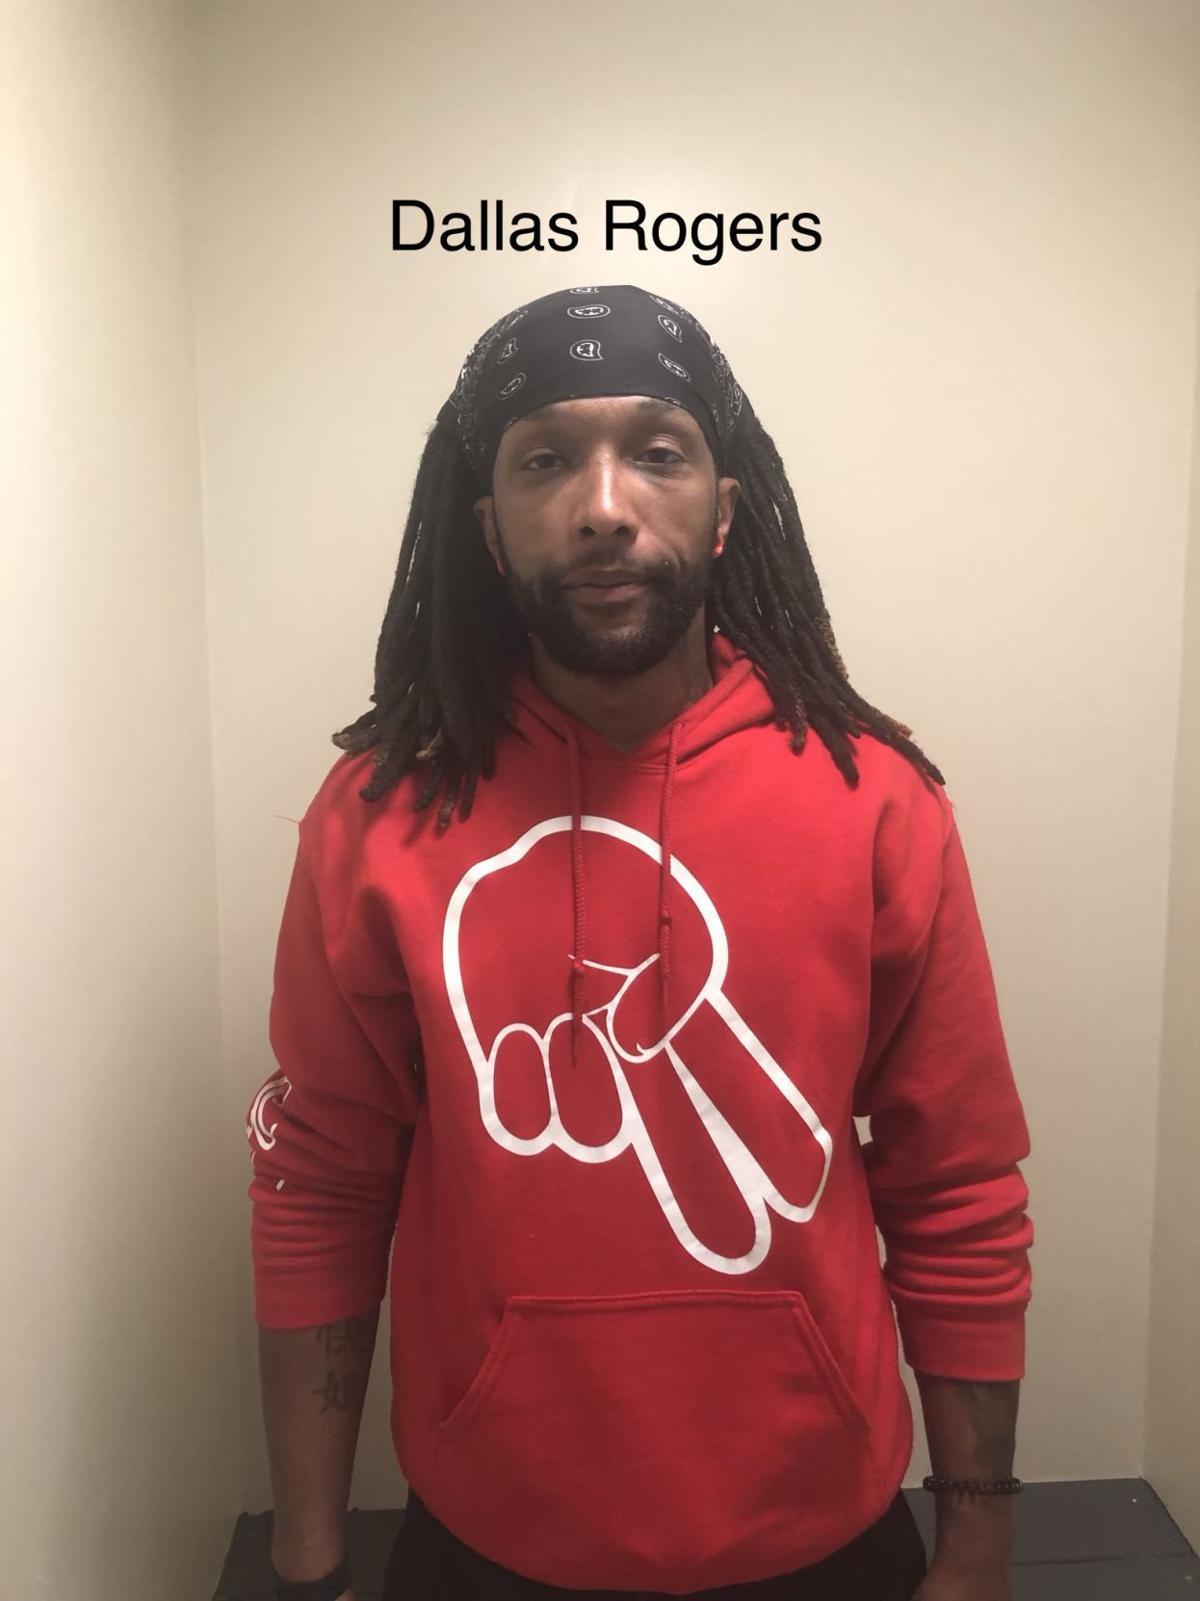 Dallas Rogers